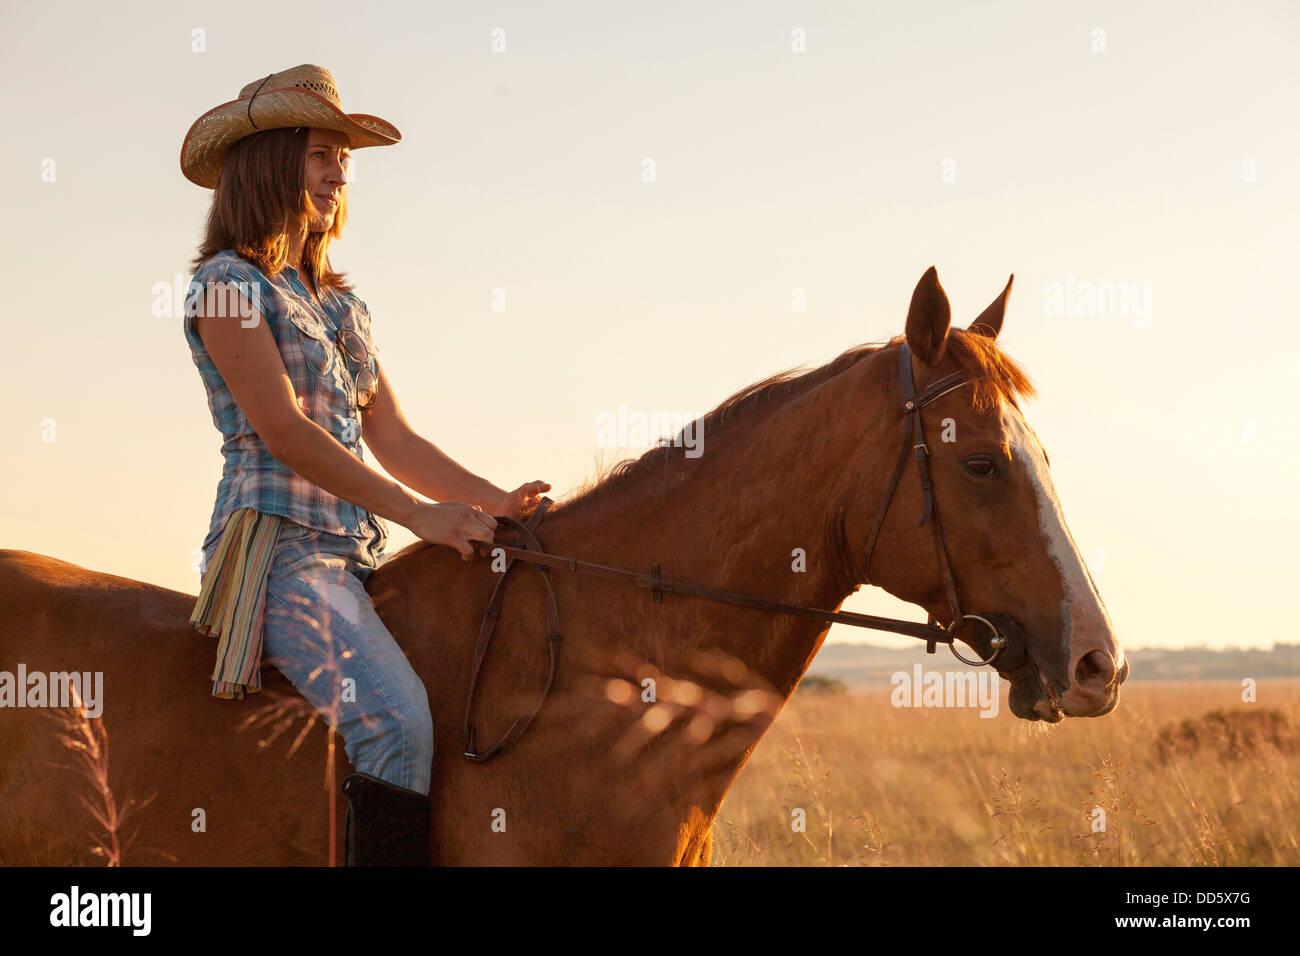 La Croatie, Dalmatie, jeune femme l'équitation Photo Stock